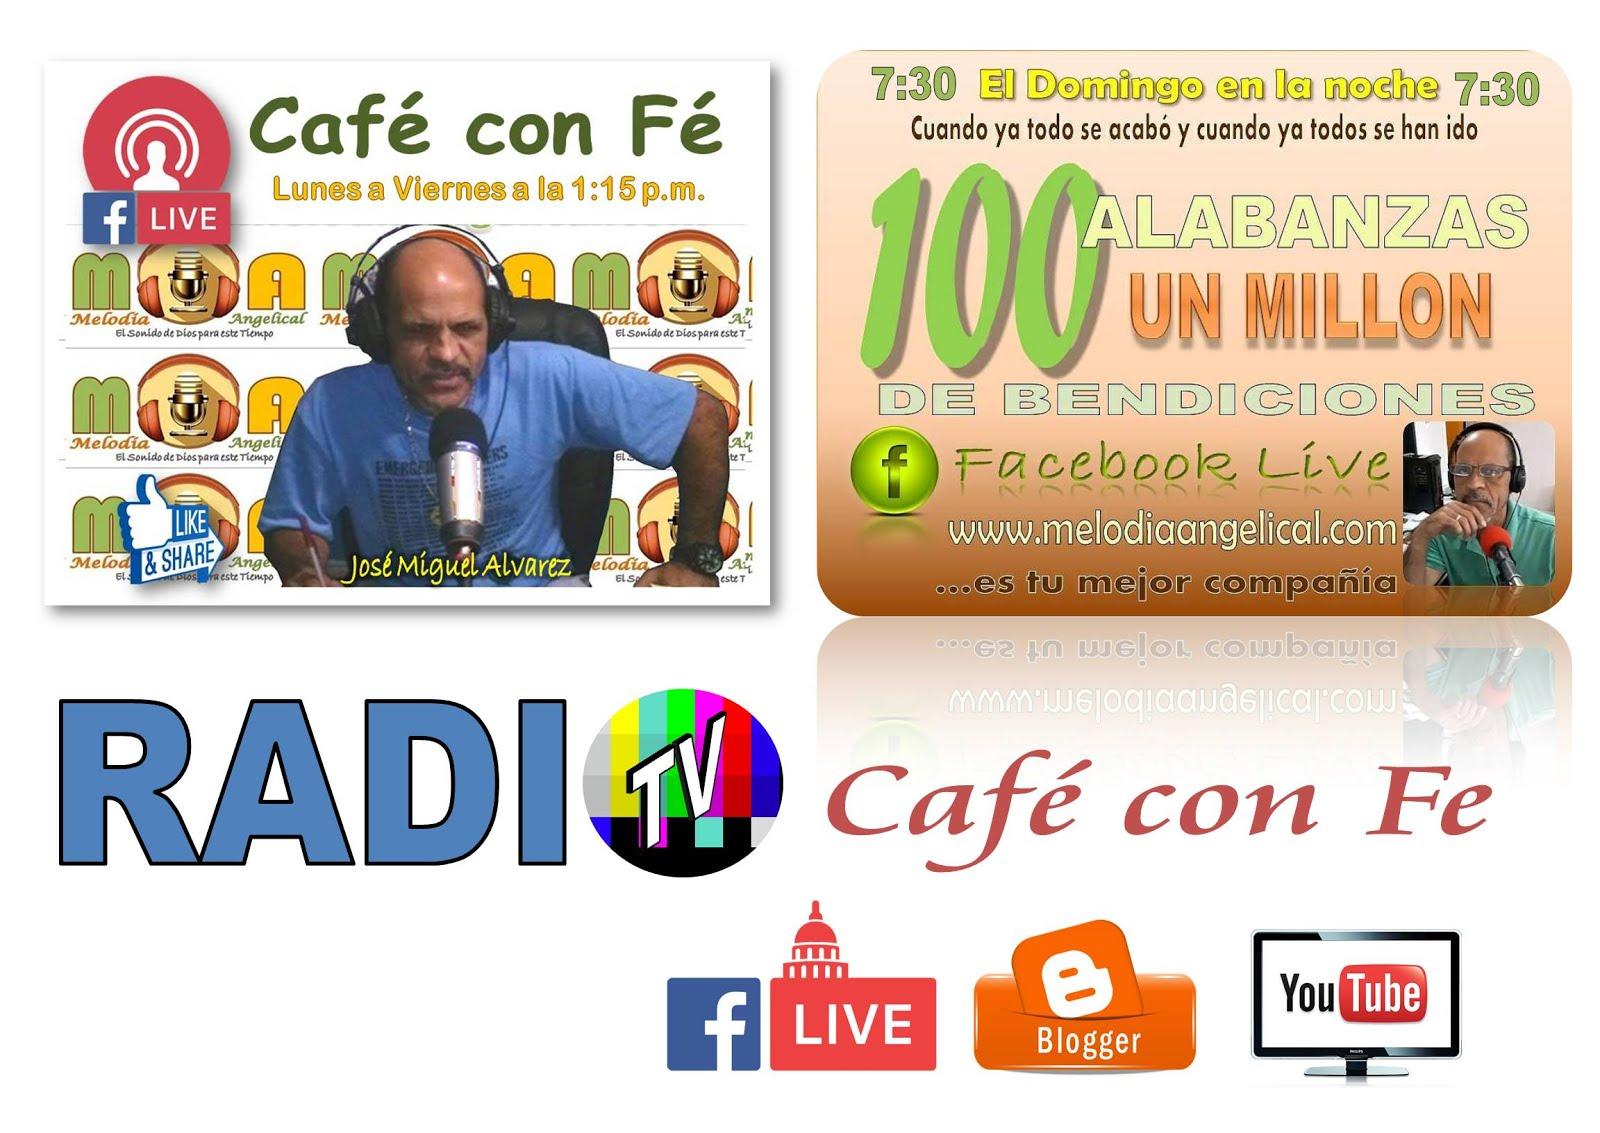 Café con Fé